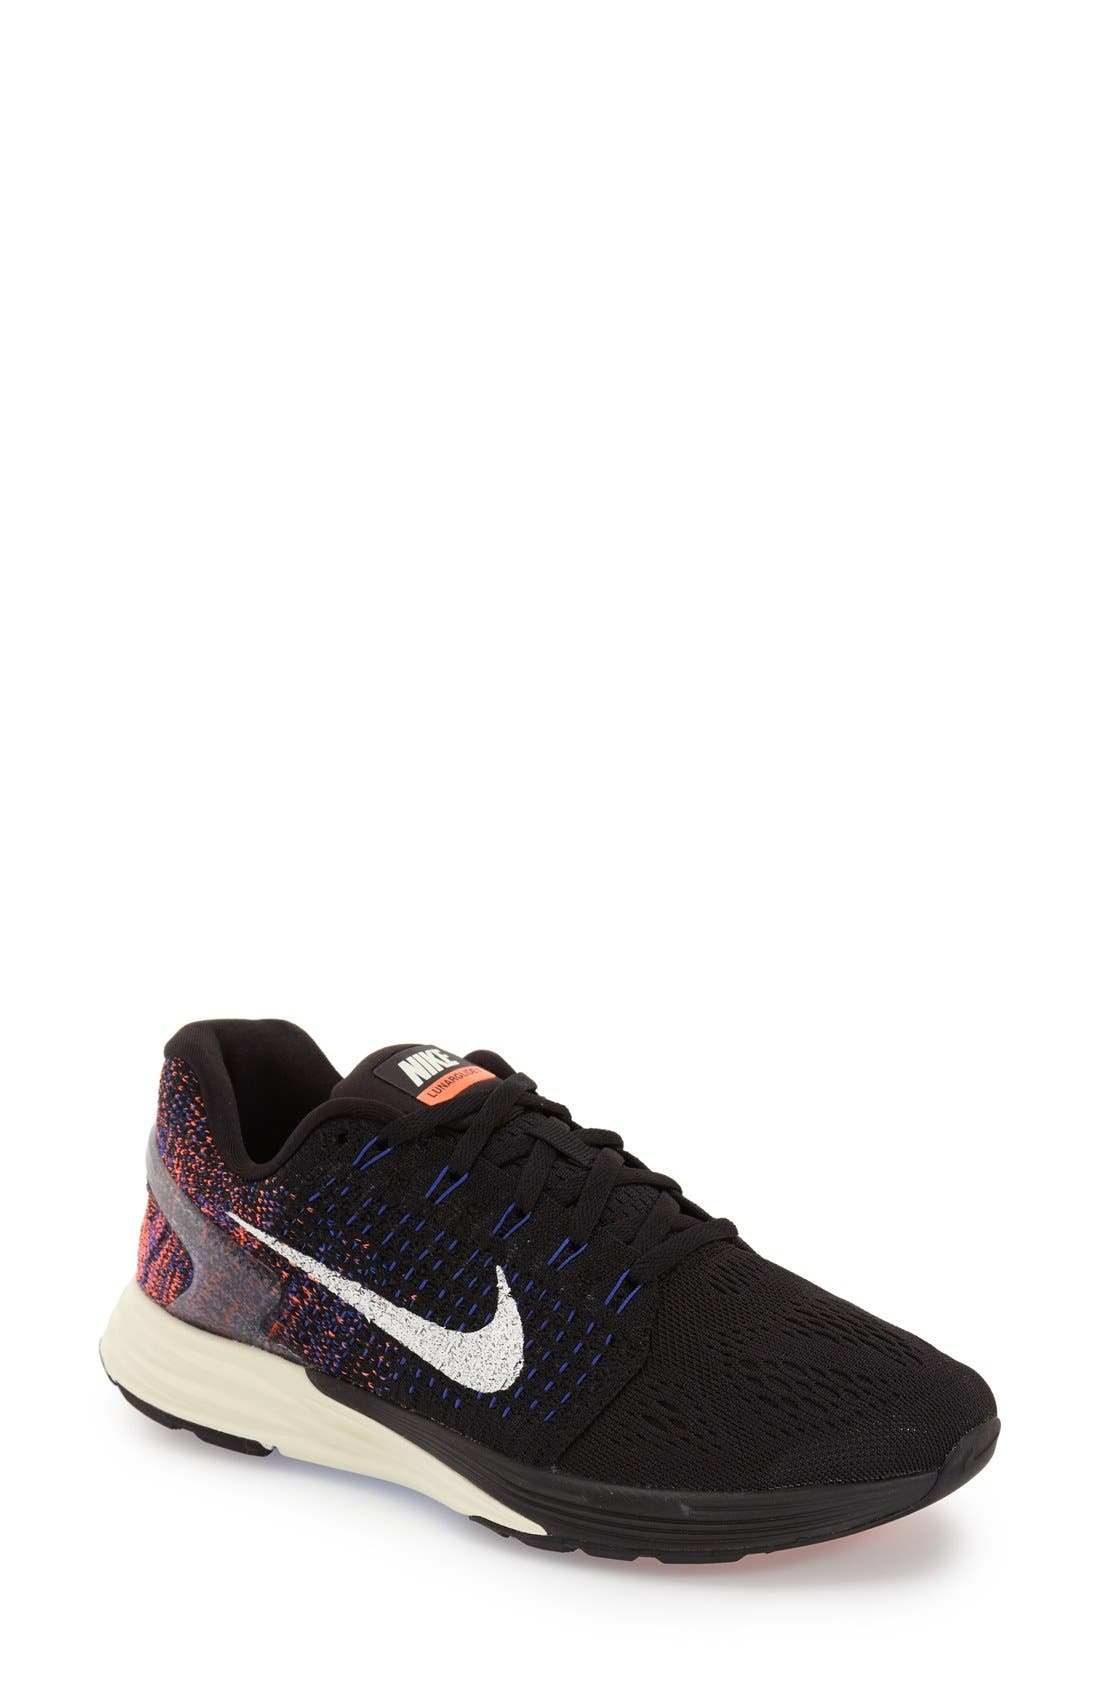 Alternate Image 1 Selected - Nike 'LunarGlide 7' Running Shoe (Women)